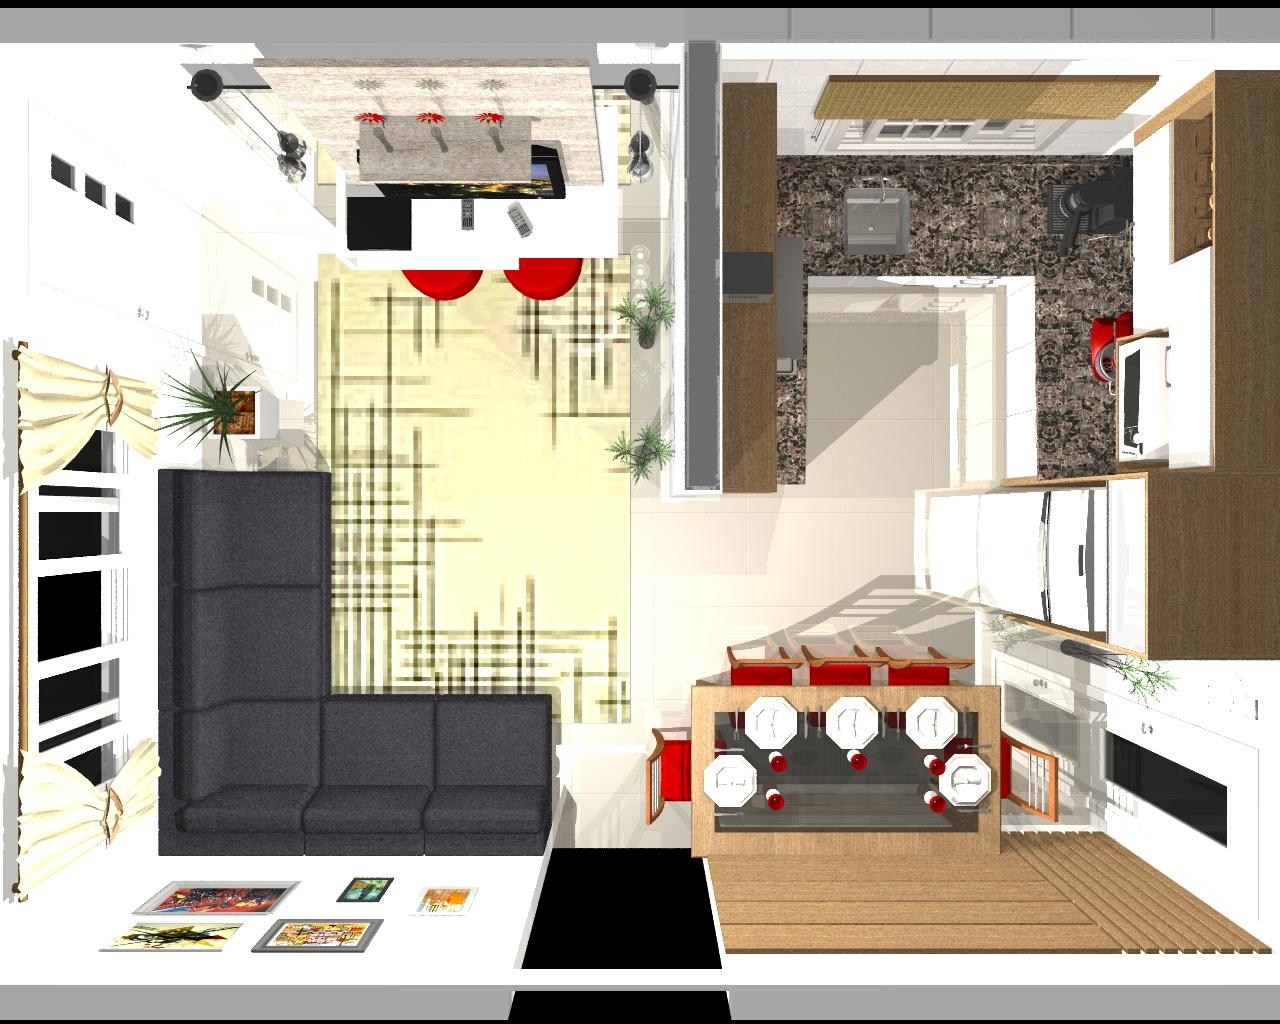 projeto de interiores on line foi criado baseado em modelos de  #C10B0A 1280 1024